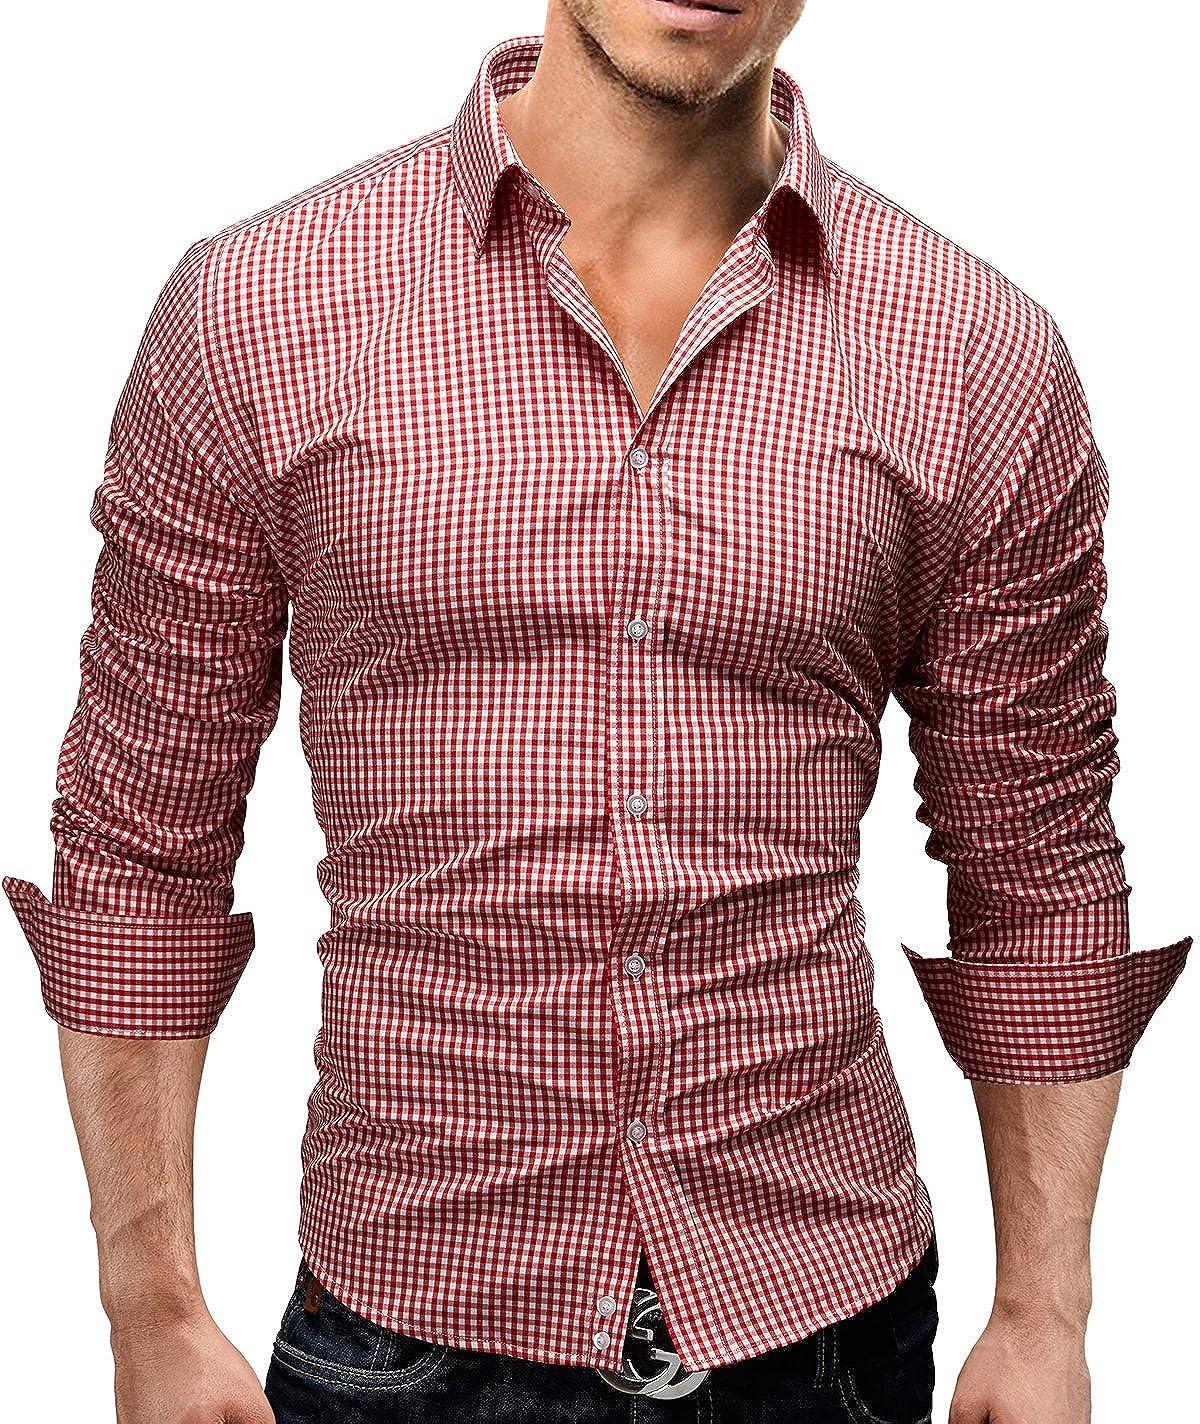 Merish Camicia Uomo, disegno speciale, a scacchi, Slim Fit 5 Colori Taglia S - XXL Modell 41 56936672